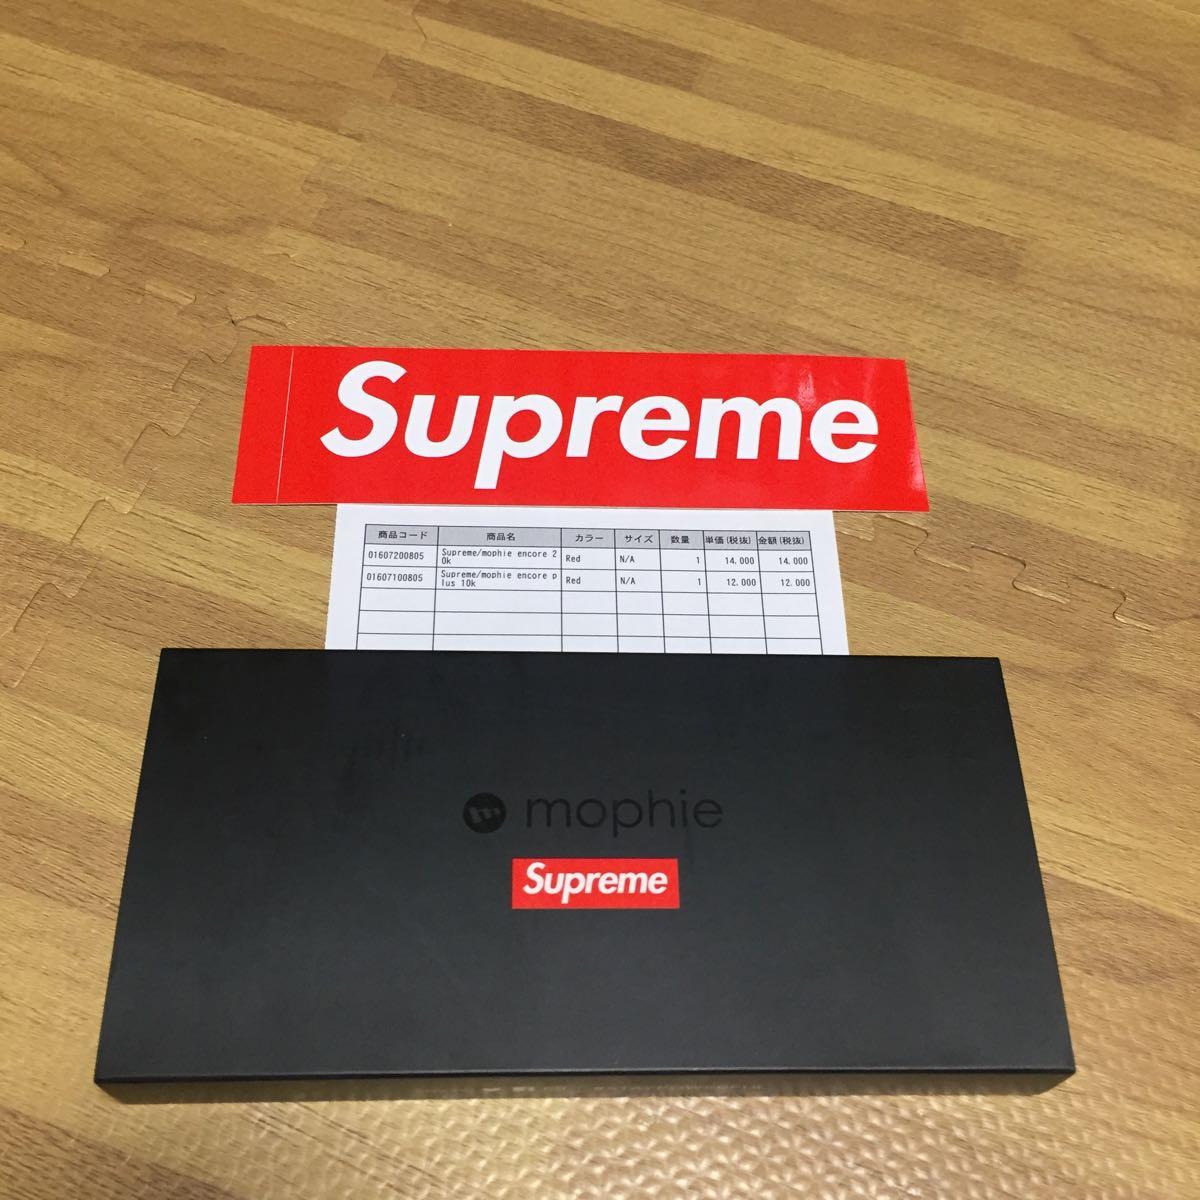 送料込み 新品未使用 国内正規 supreme Mophie Encore 20K 20100mAh red 赤 Mobile Battery シュプリーム モバイルバッテリー